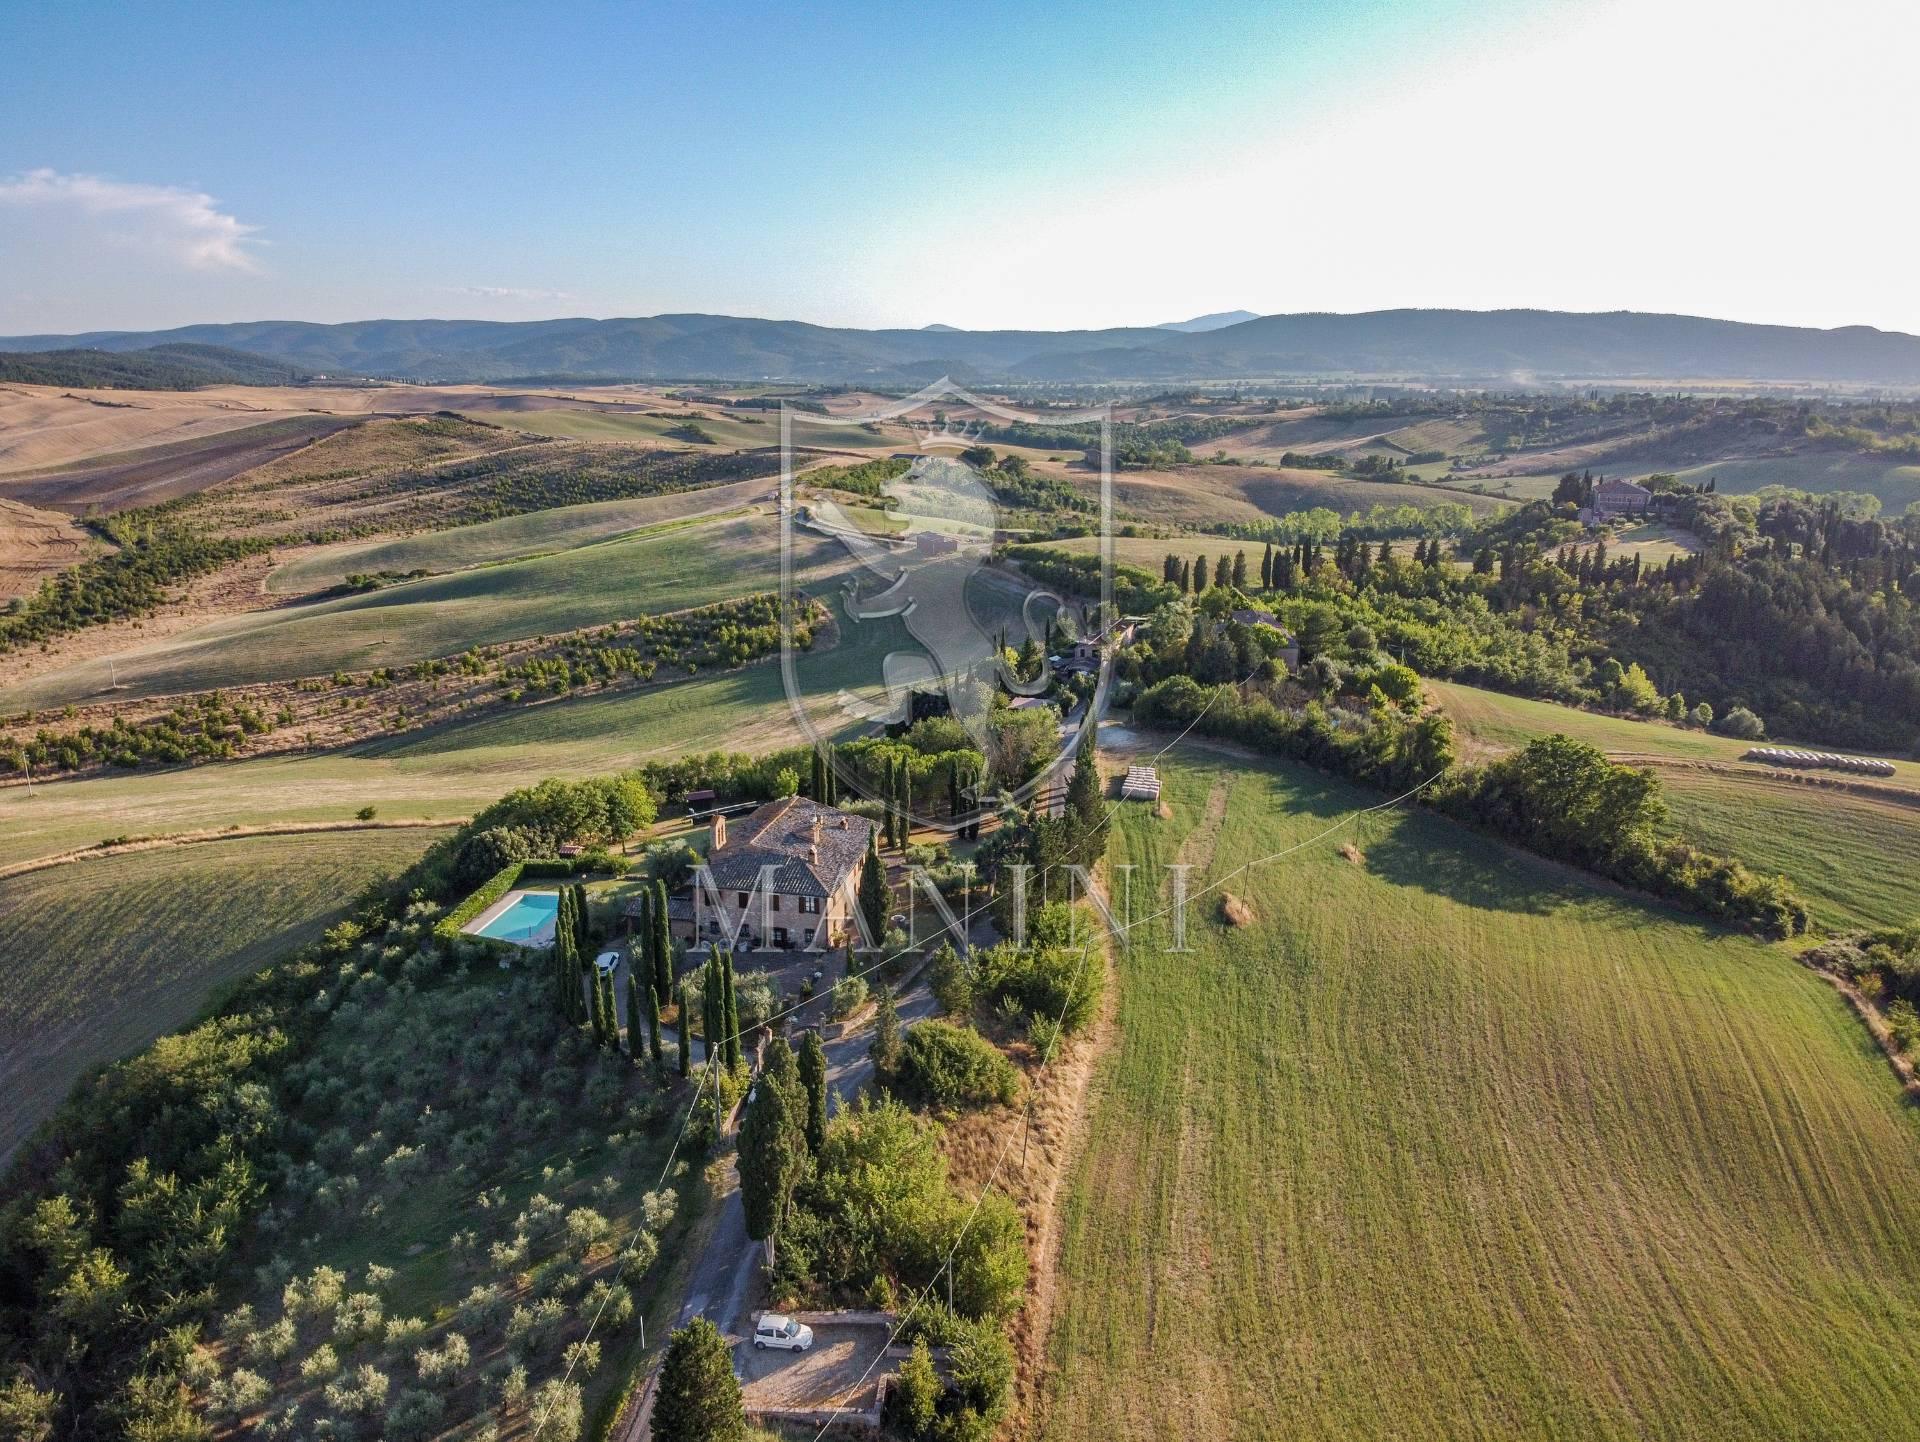 Rustico / Casale in vendita a Monteroni d'Arbia, 20 locali, prezzo € 1.500.000 | CambioCasa.it